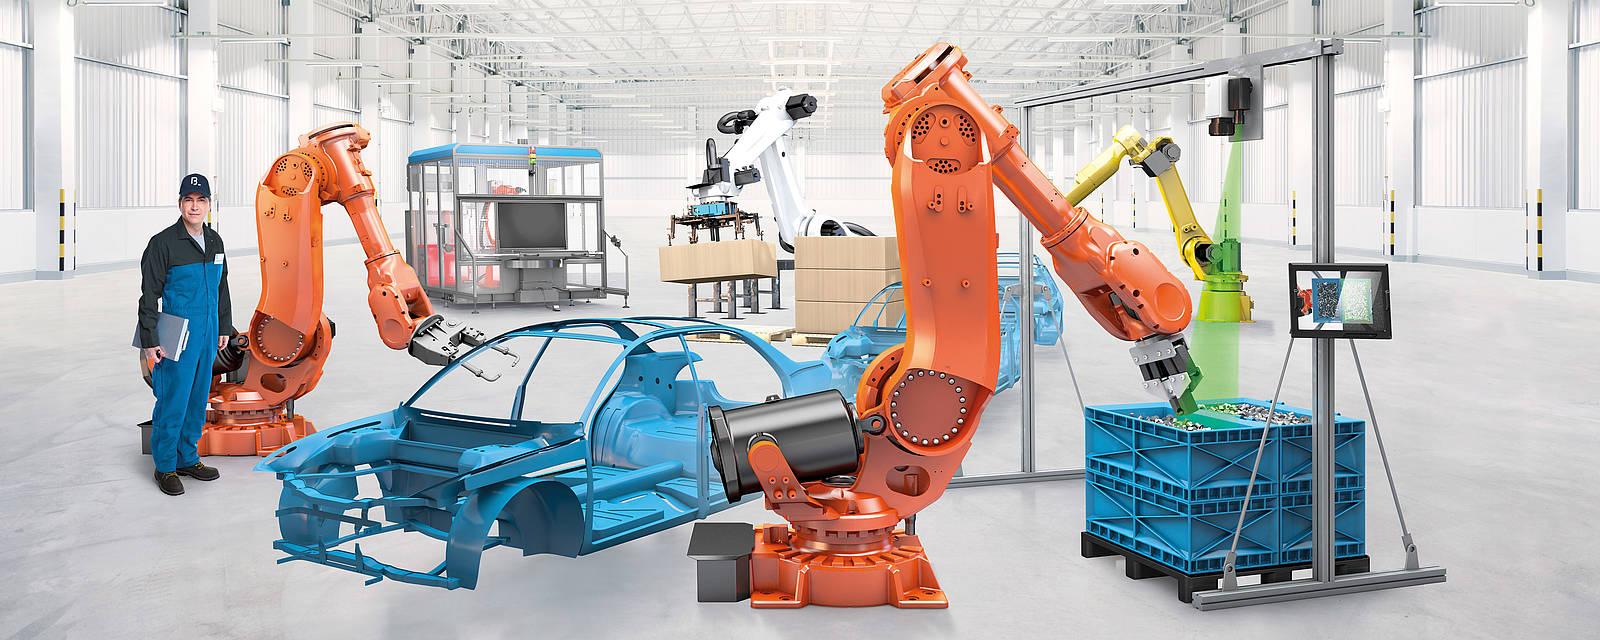 Zakázková robotická řešení na míru Vašim požadavkům